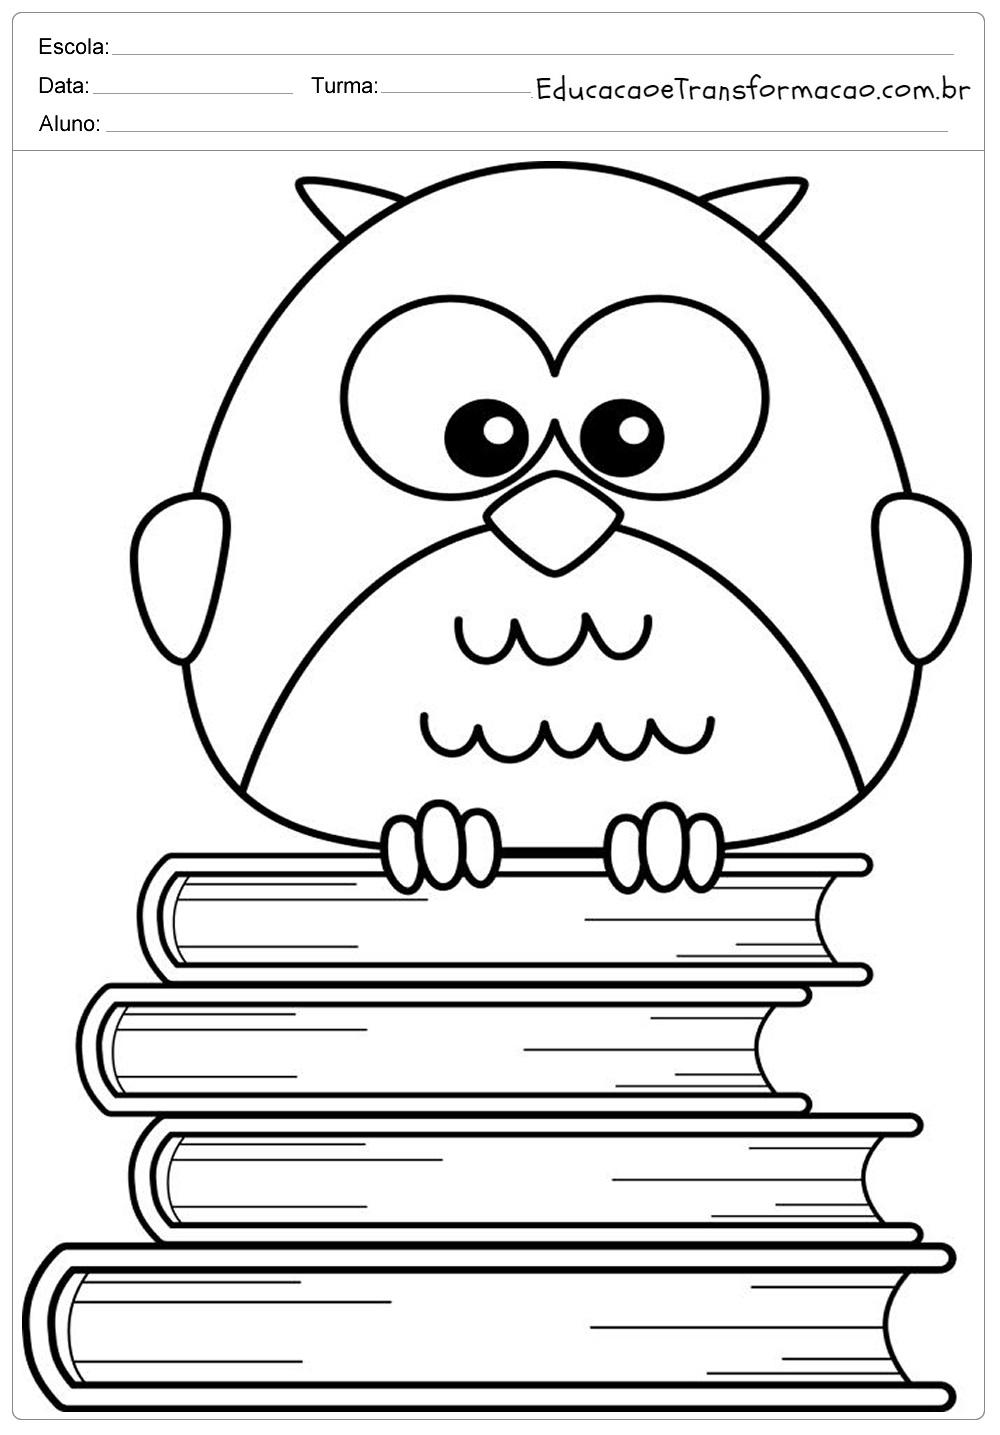 Desenho De Coruja Para Colorir Livros Educacao E Transformacao